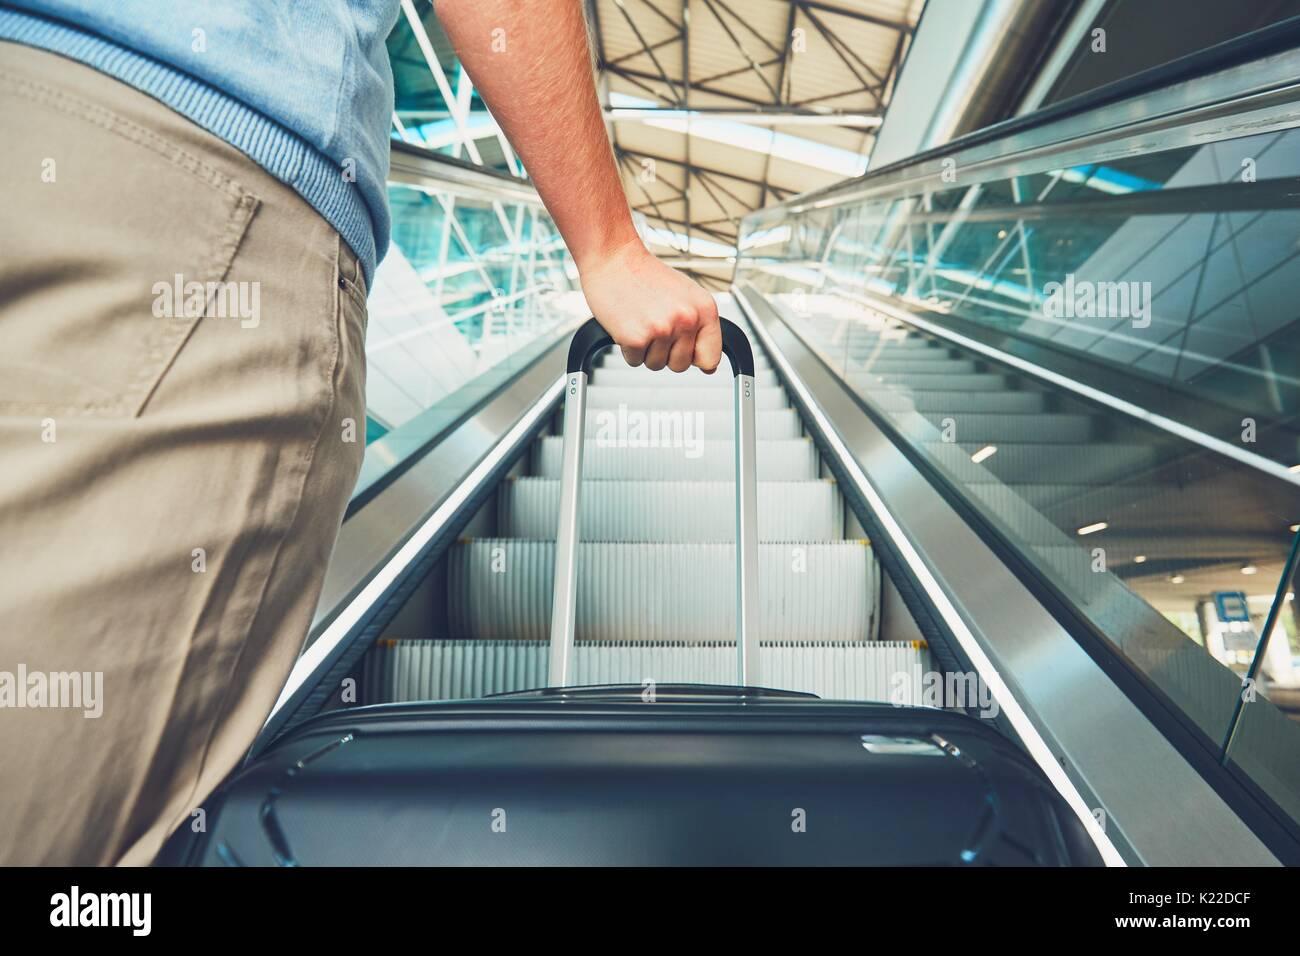 Homme voyageant par avion. Part du passager avec une assurance sur l'escalator à l'aéroport. Photo Stock